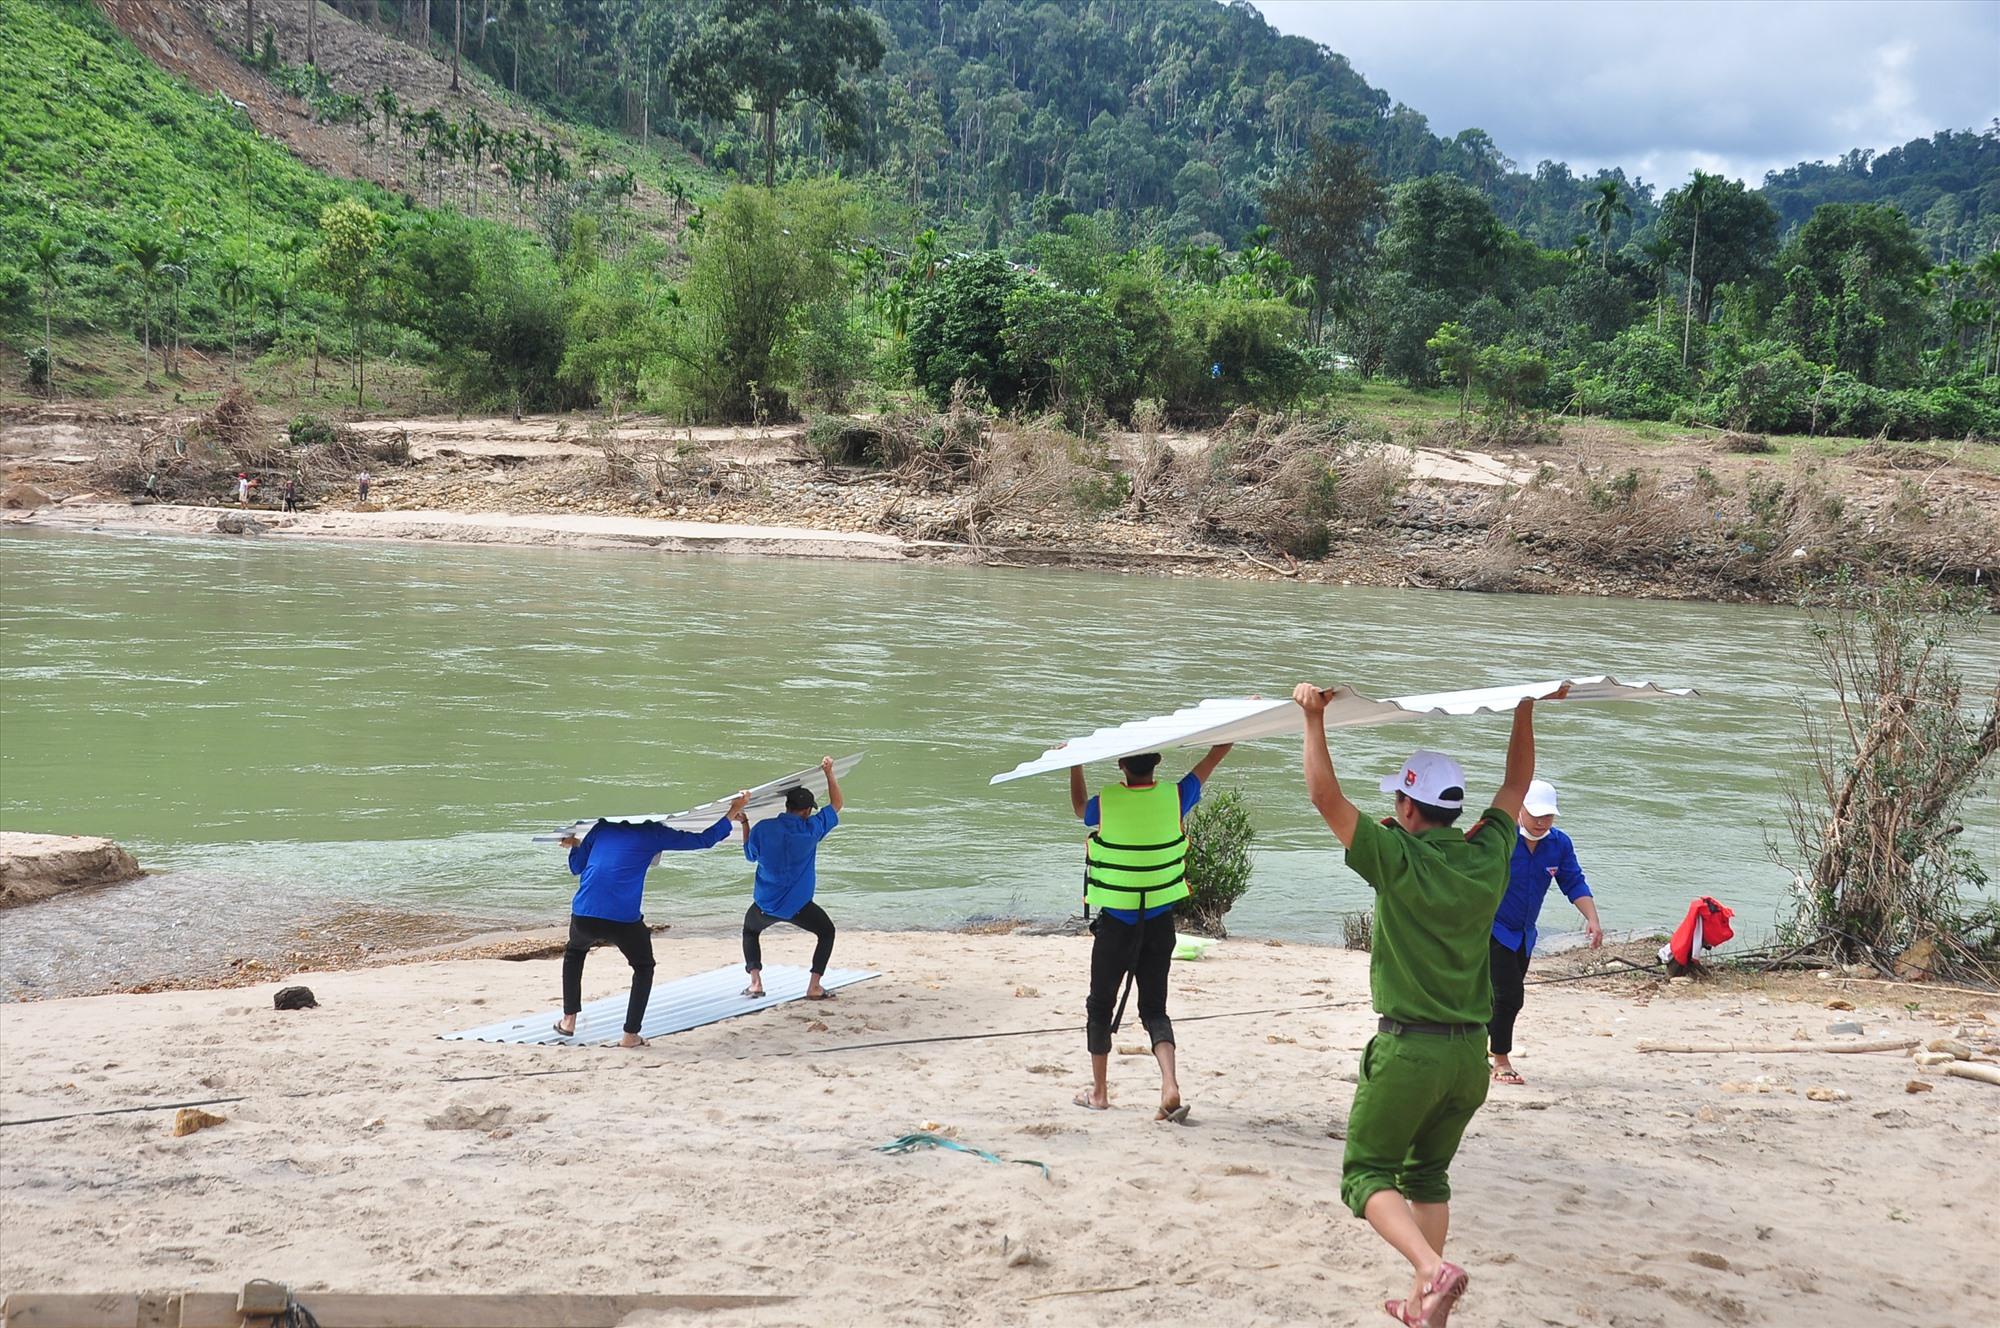 Vân chuyển các tấm tôn xuống bên sông. Ảnh: VINH ANH